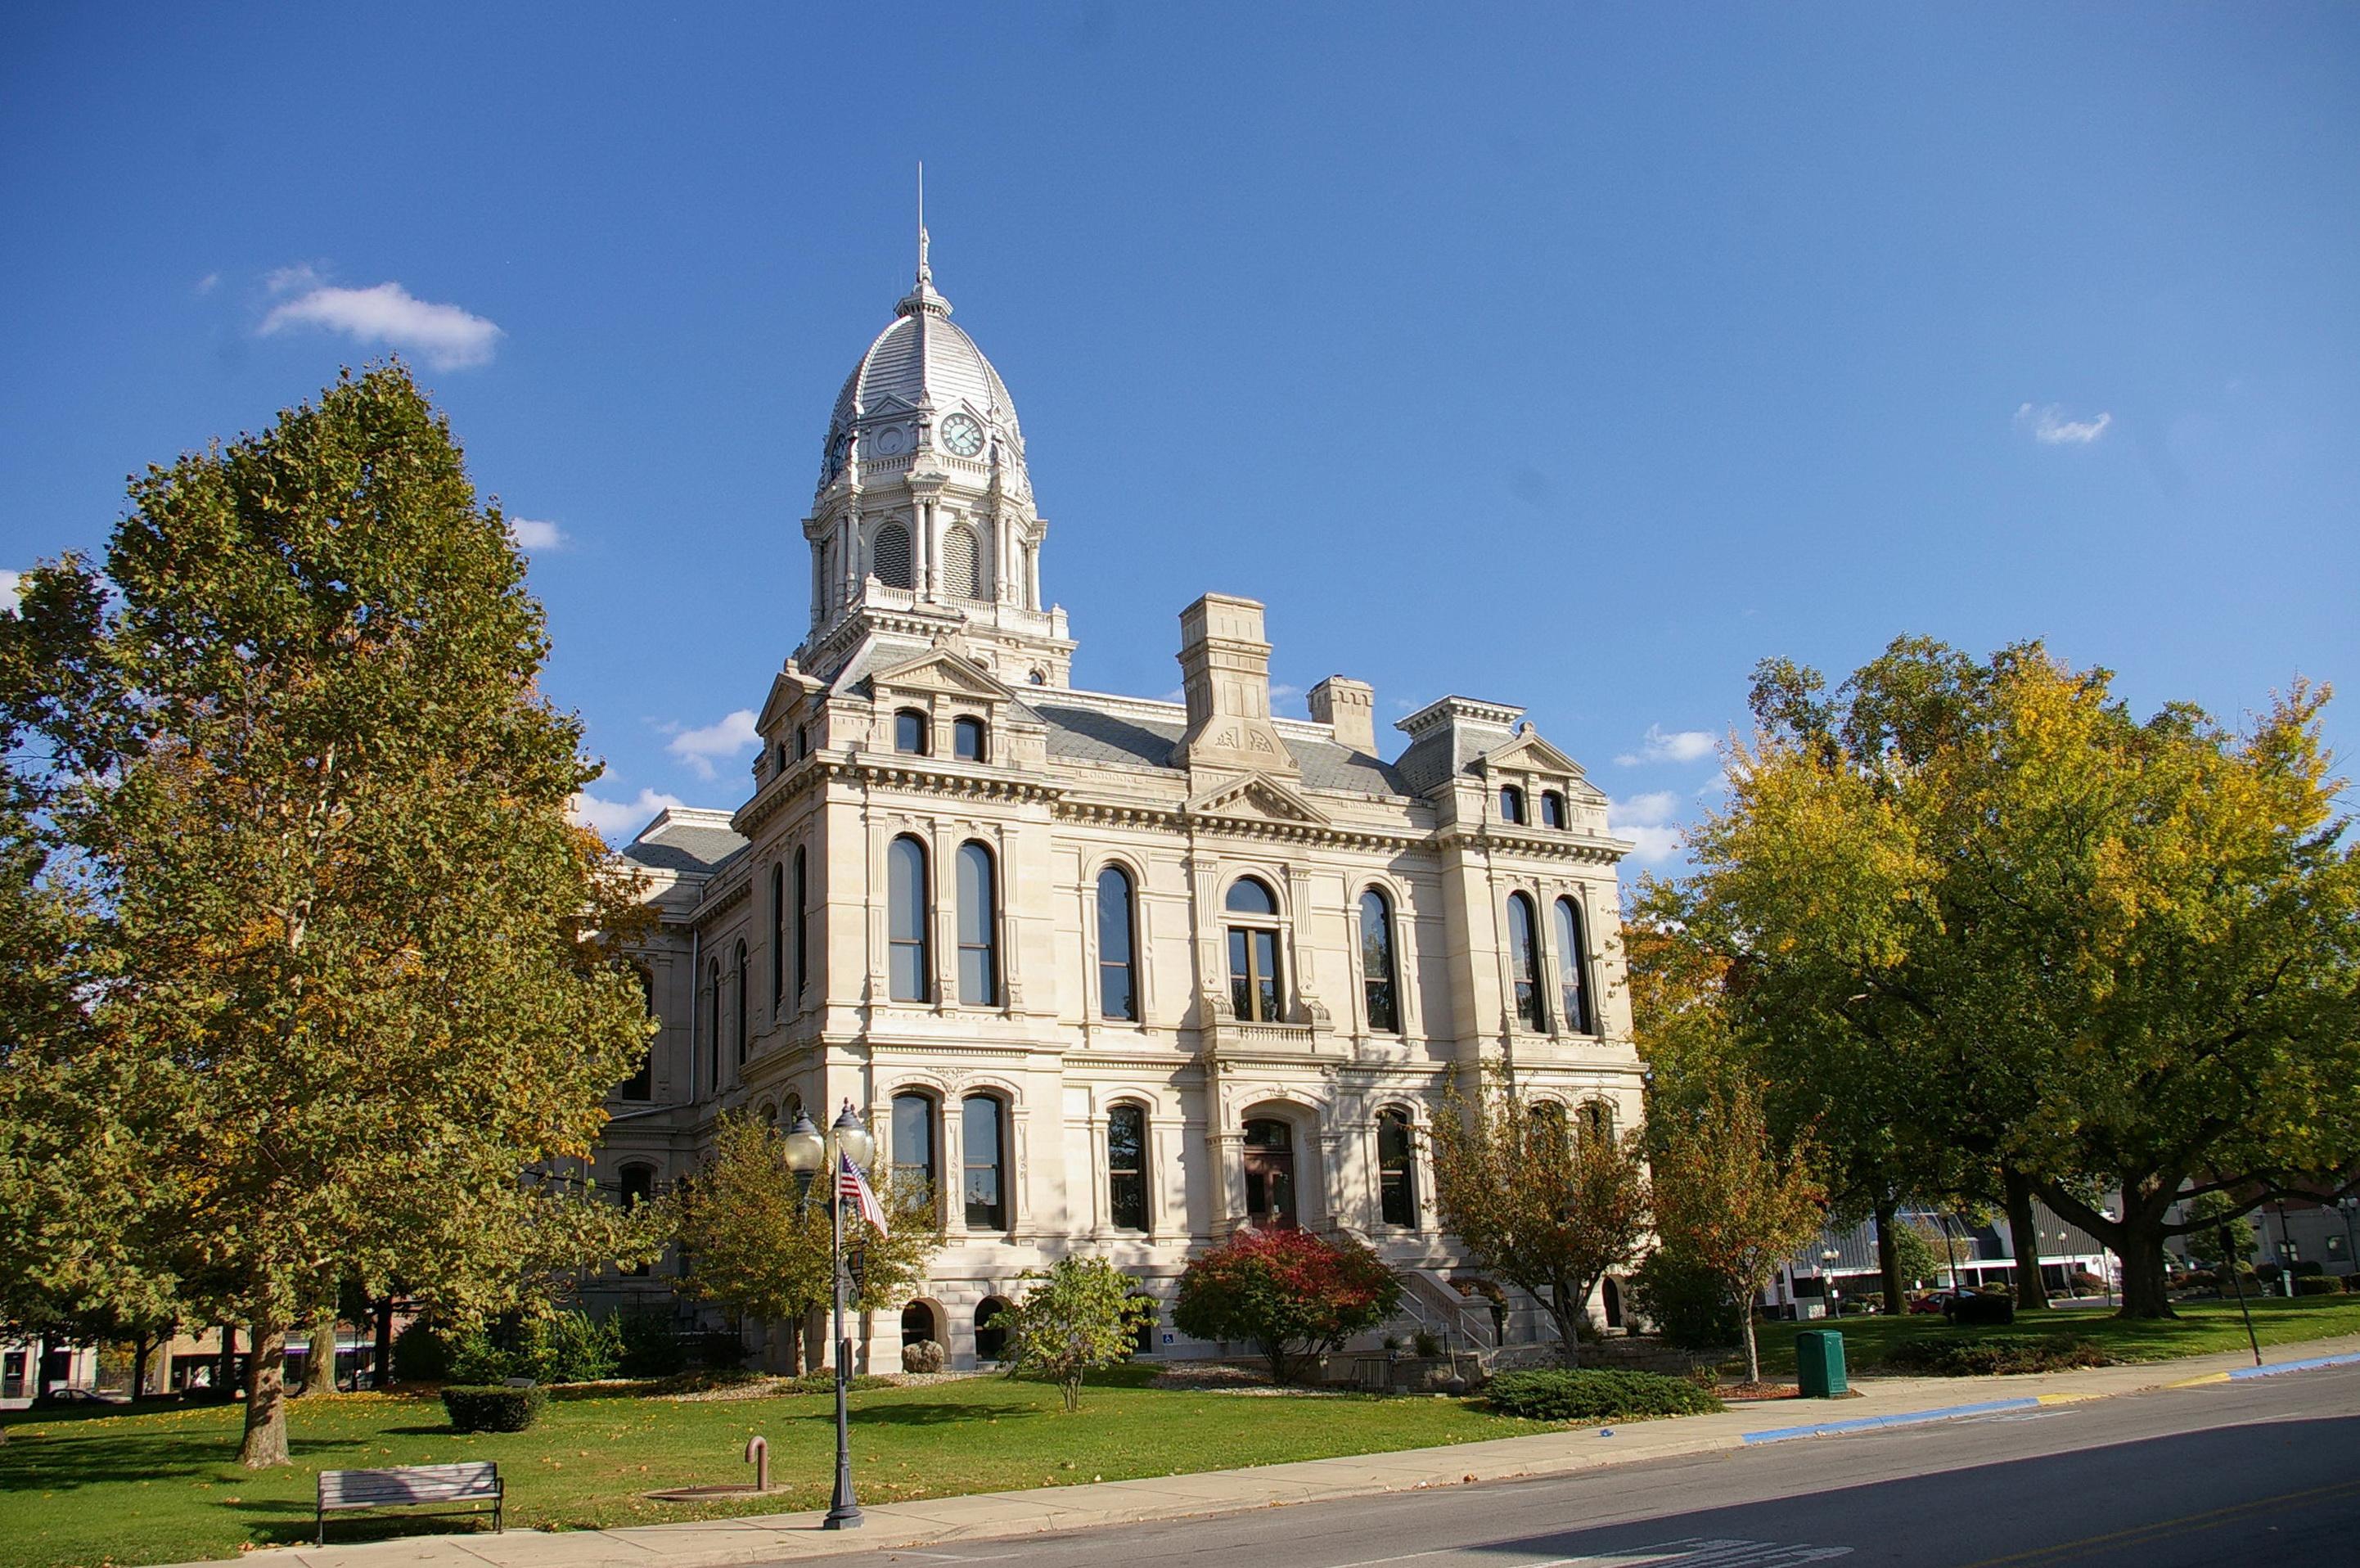 Kosciusko County Justice Building